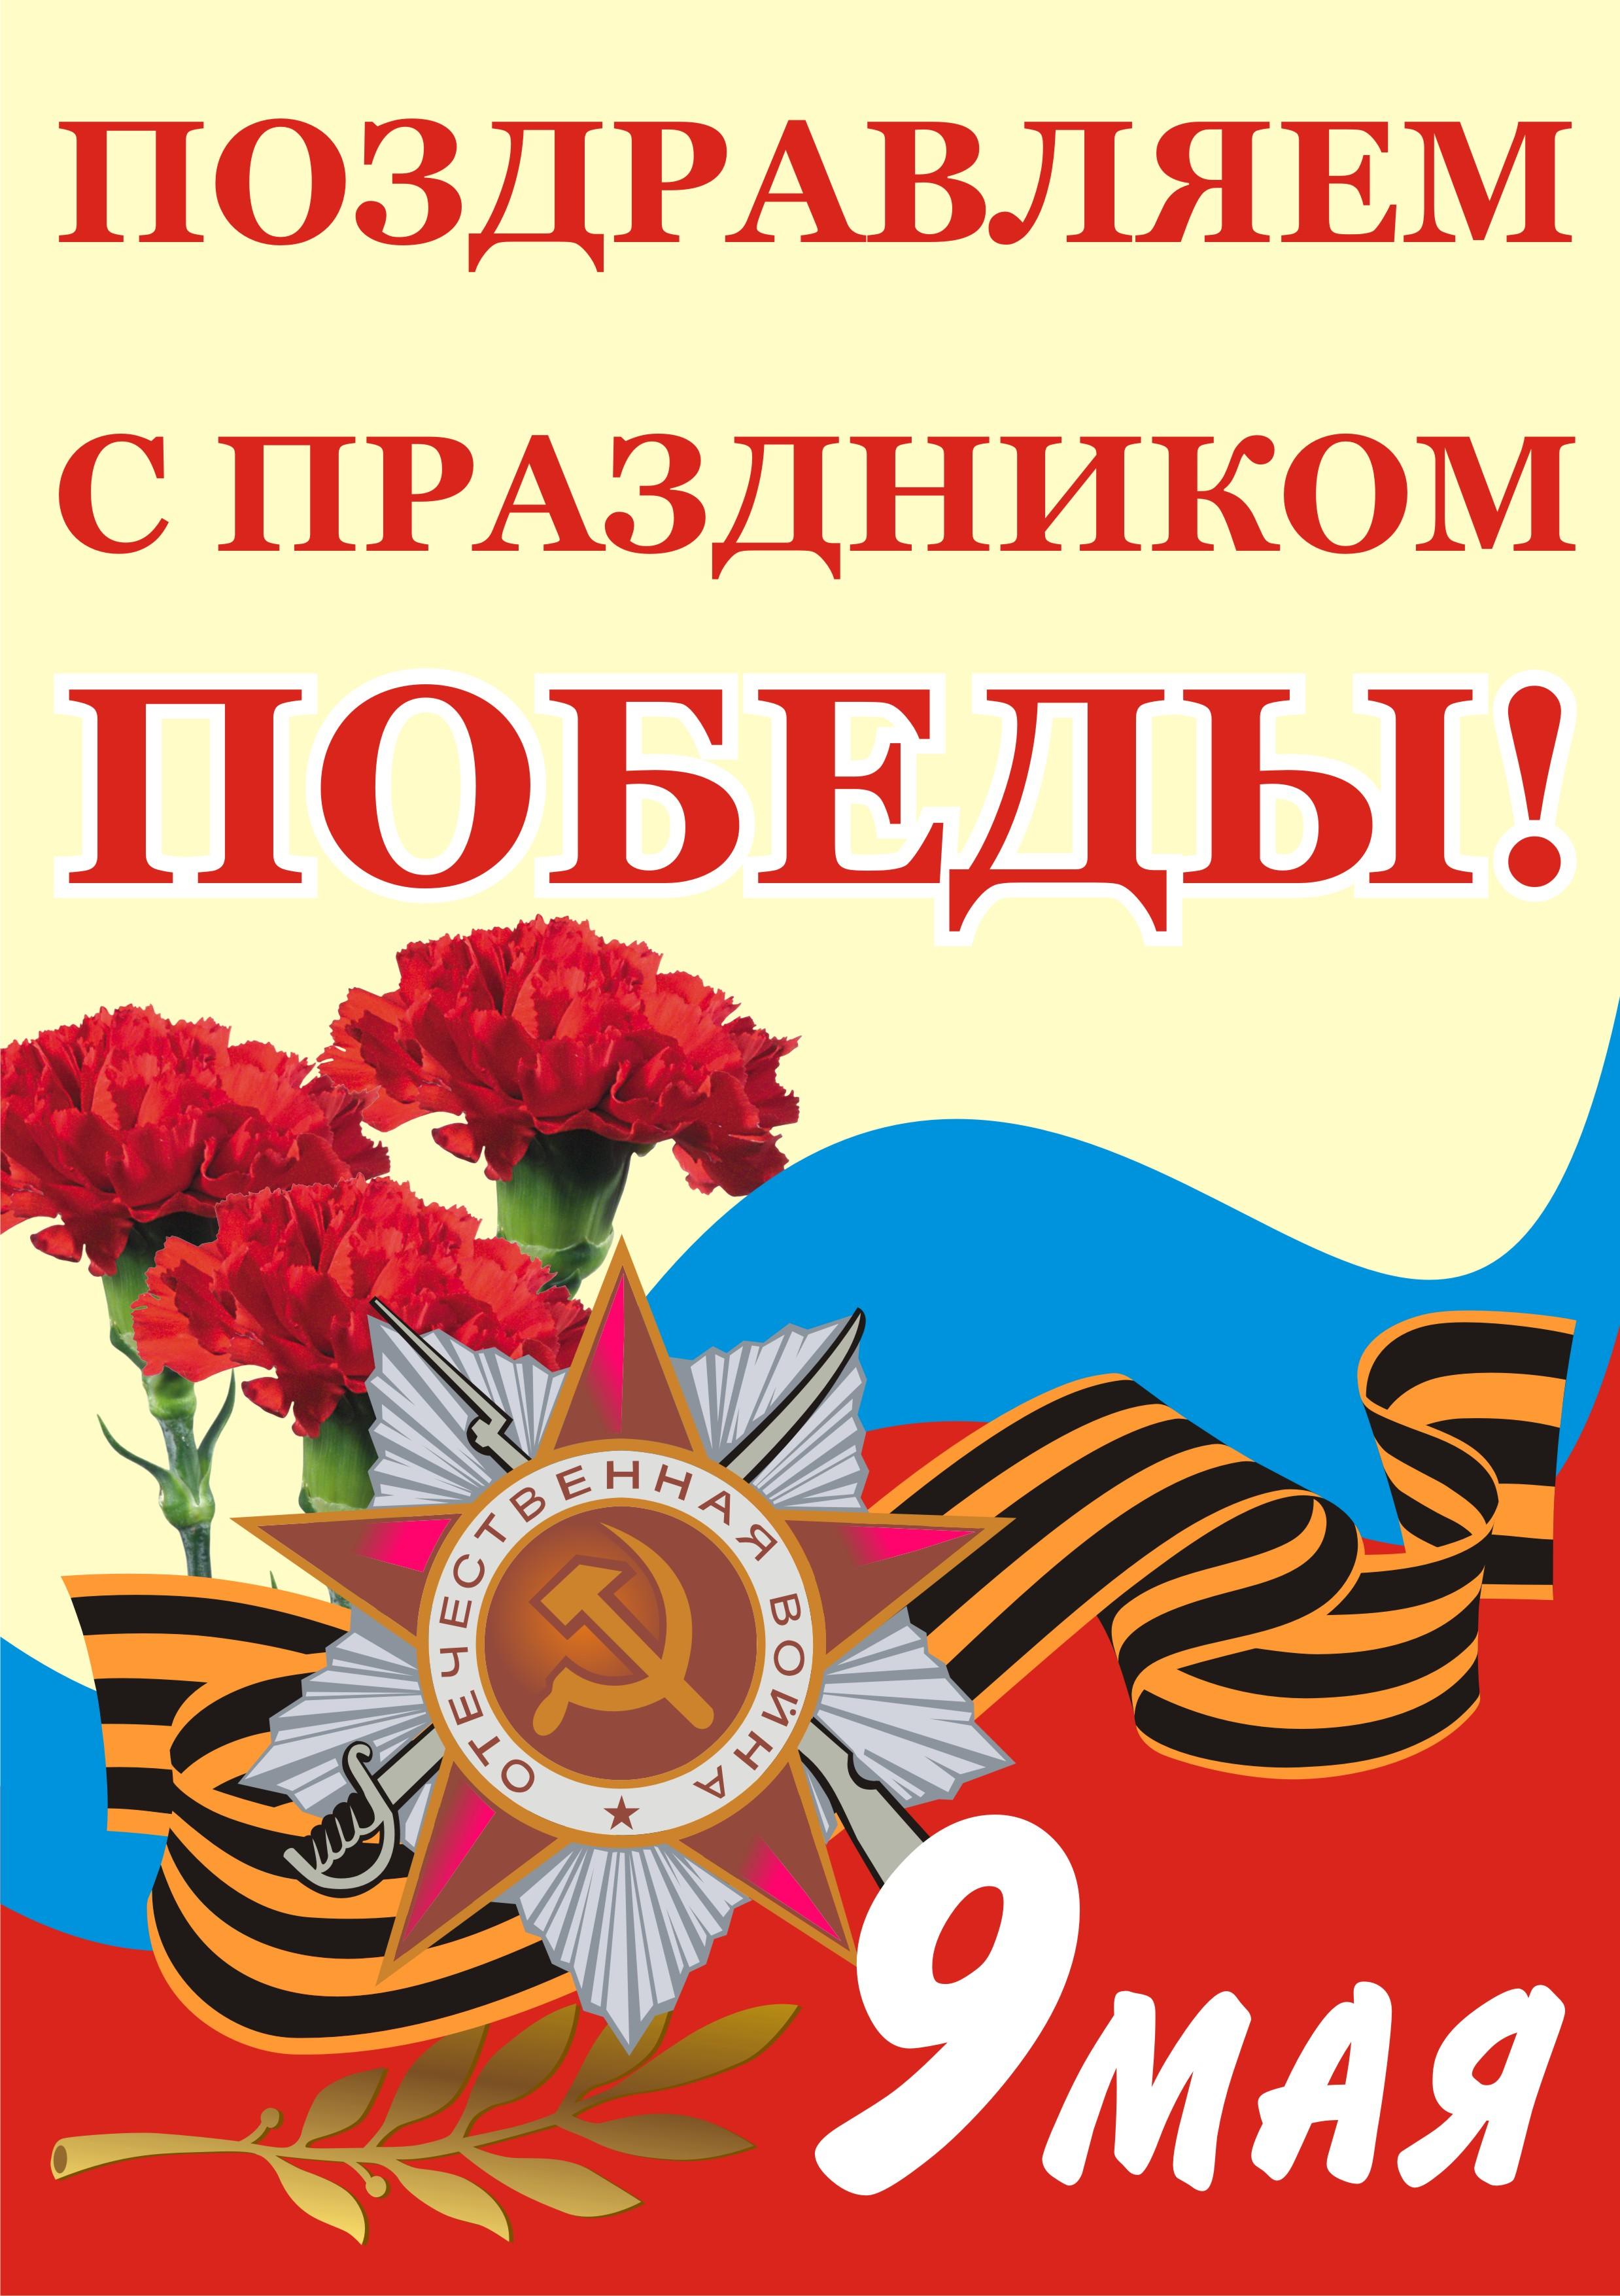 Открытки с Днем Победы 9 мая